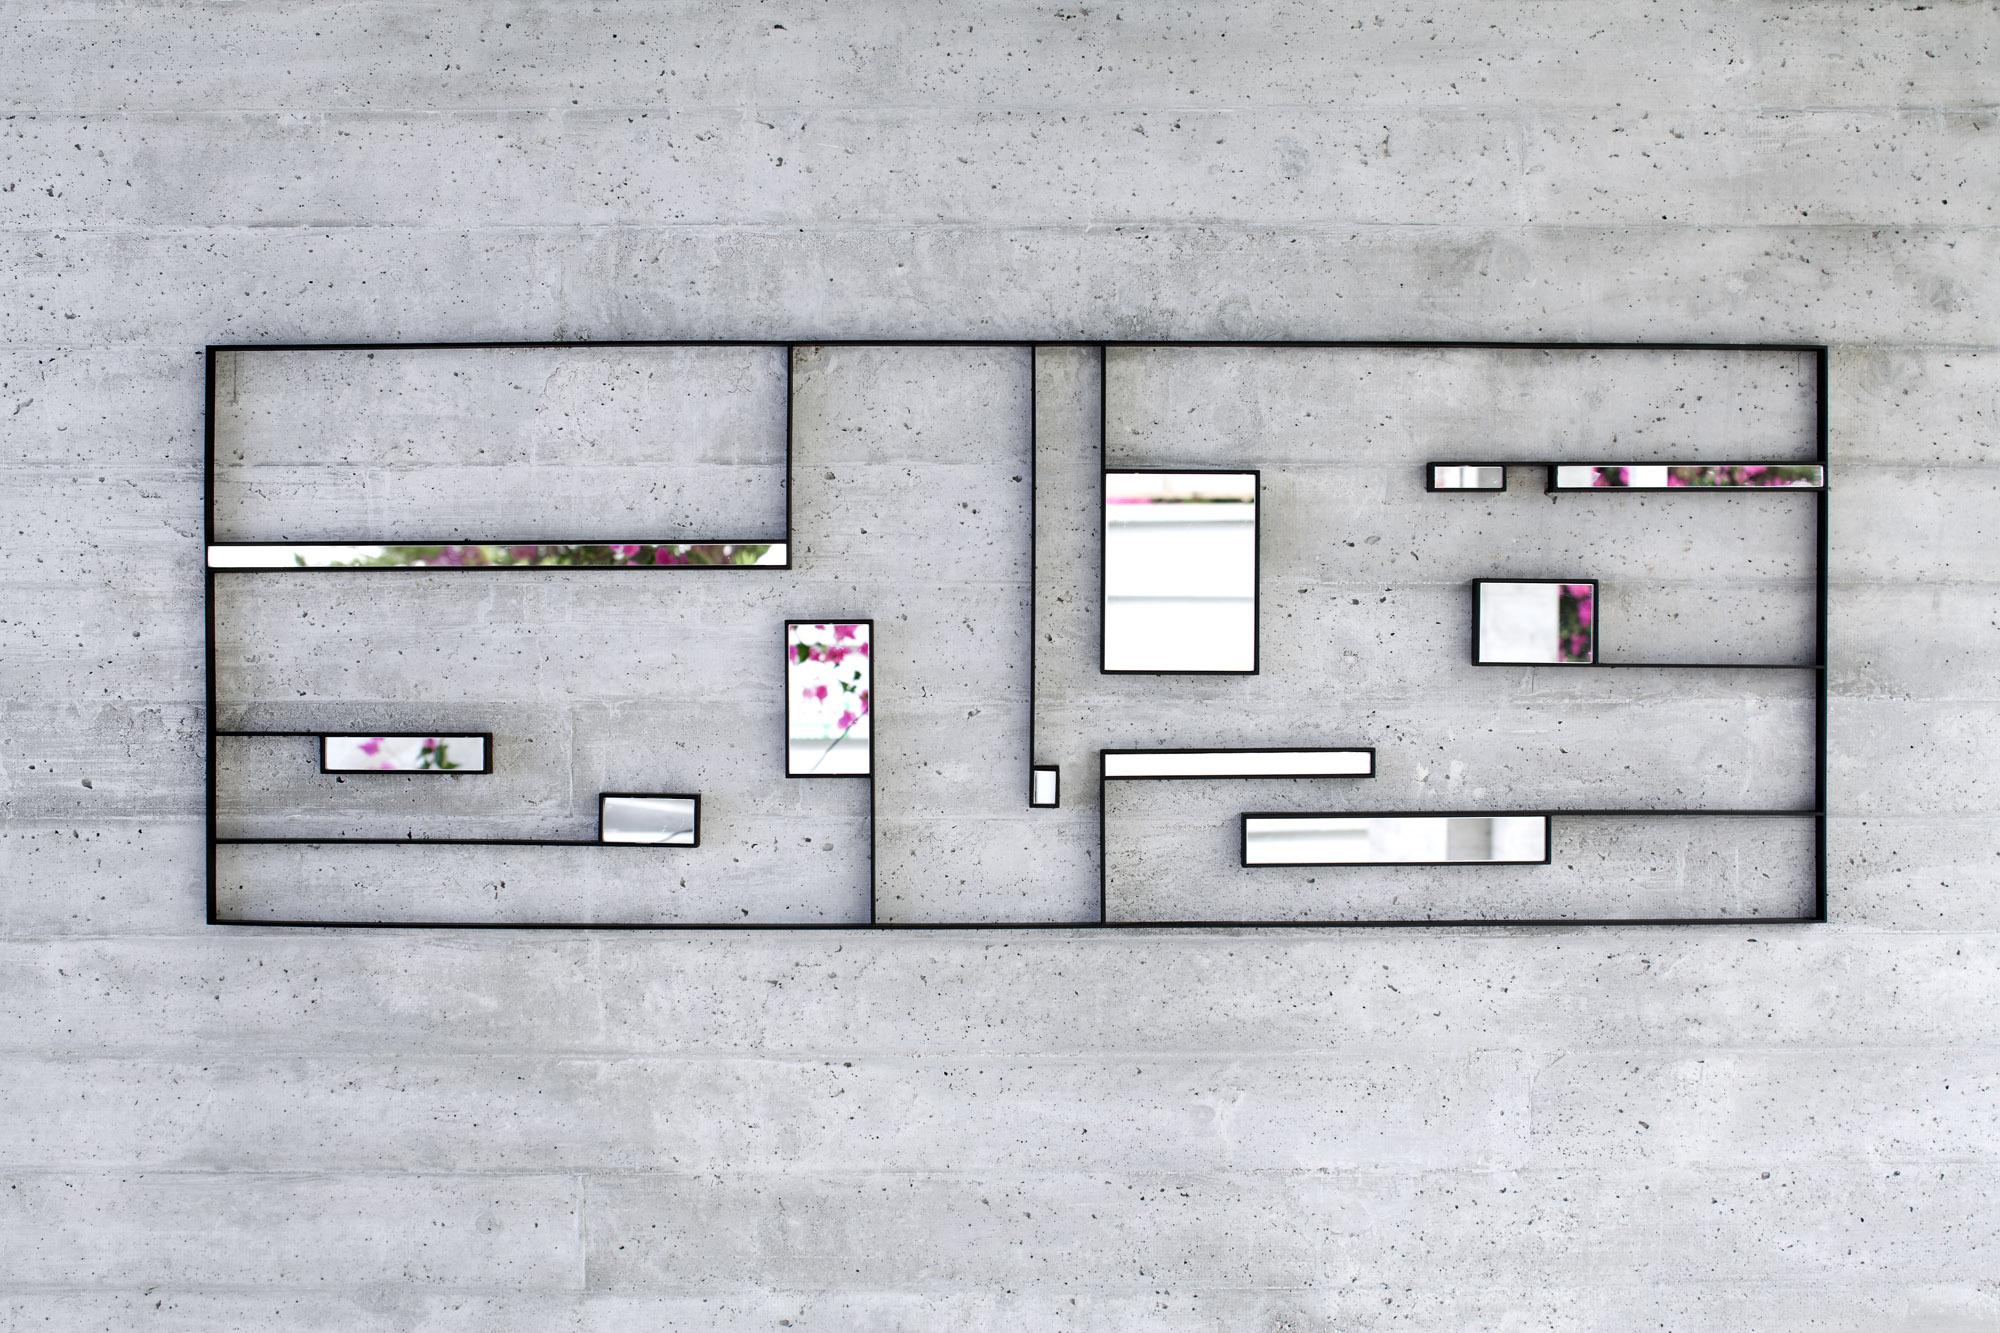 מראה, OBJECT. עיצוב: אירנה גולדברג ופיצו קדם; ביצוע: יעקב זכאי; צילום: עמית גרון